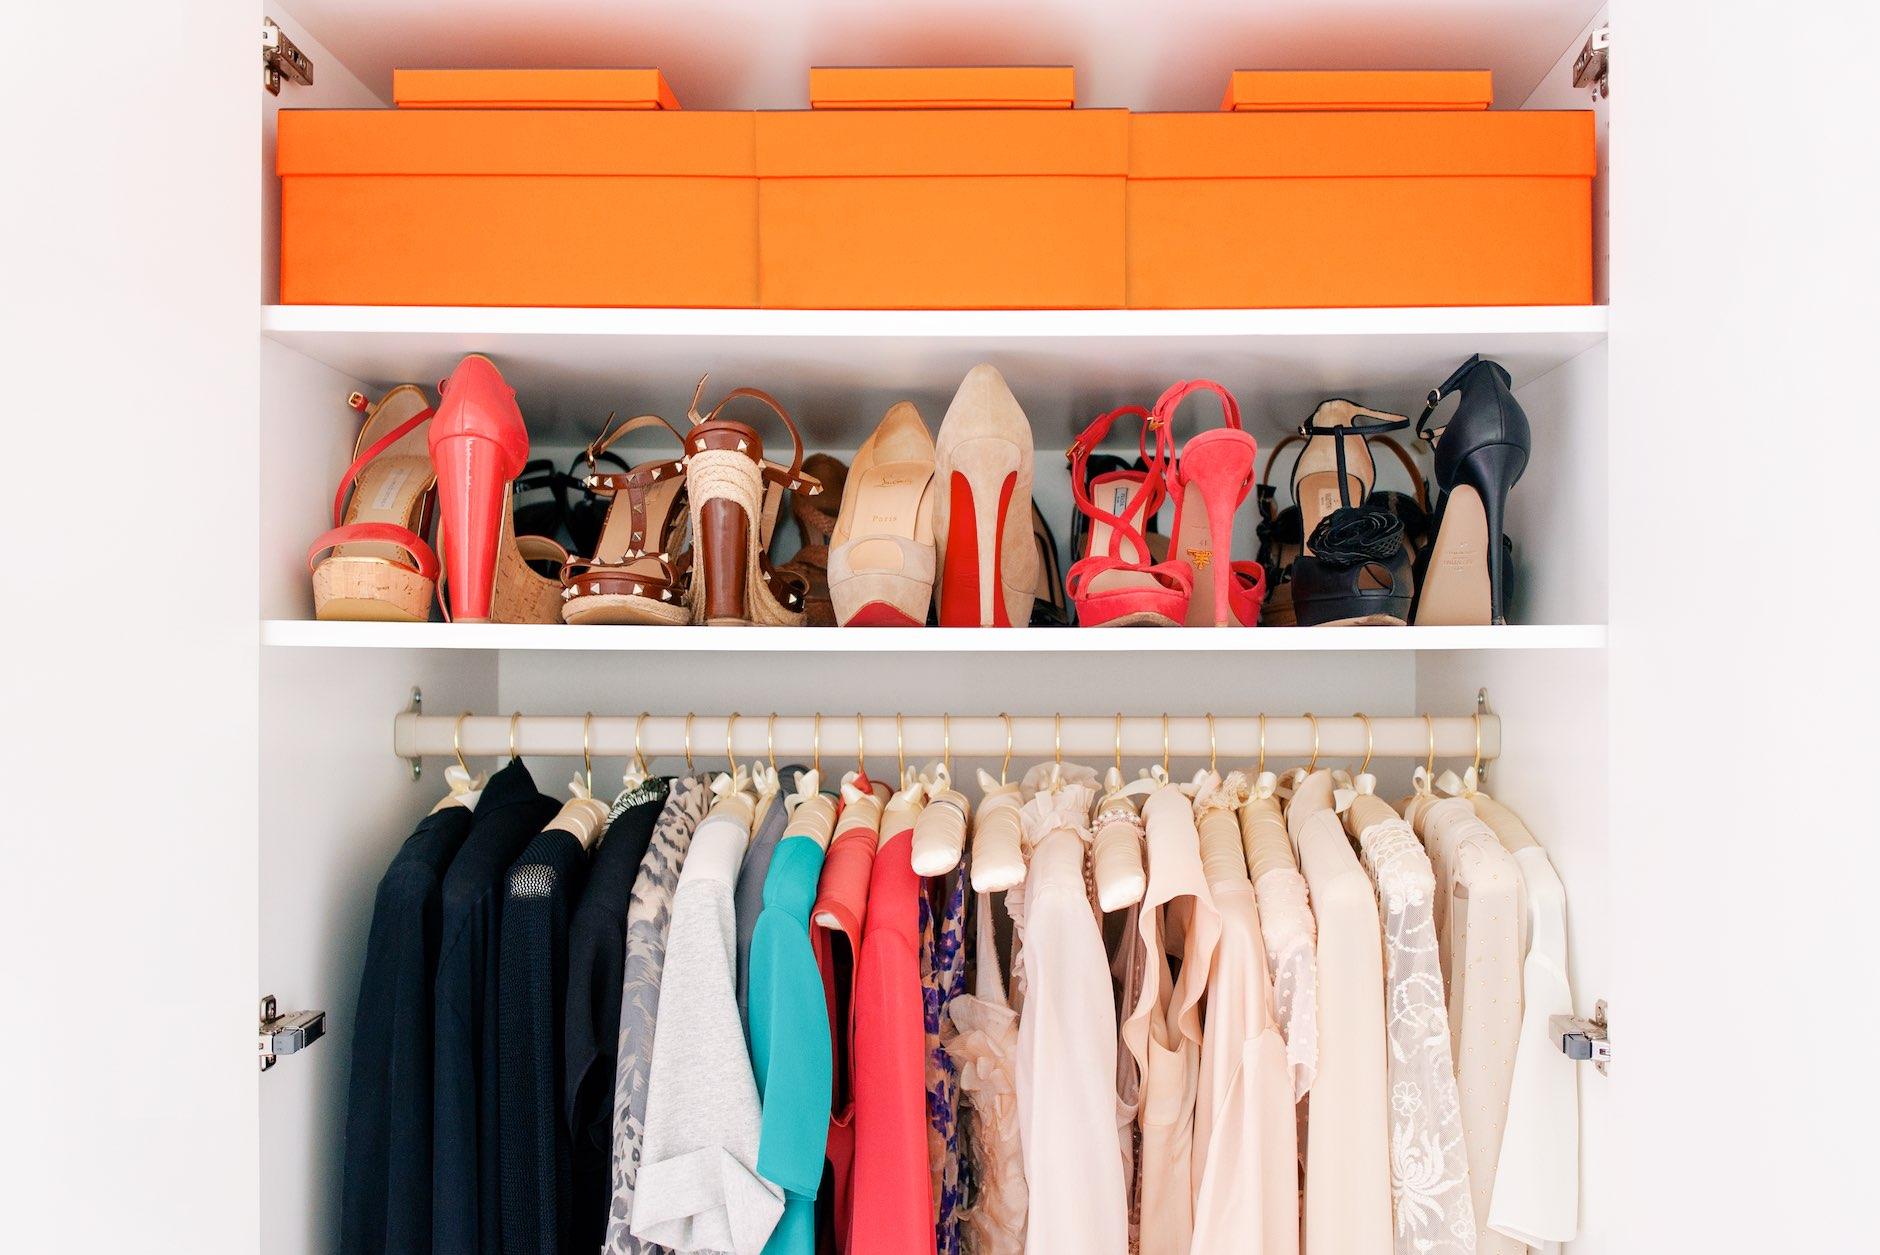 Guide Funf Schritte Zu Einem Perfekten Kleiderschrank Haute Edition